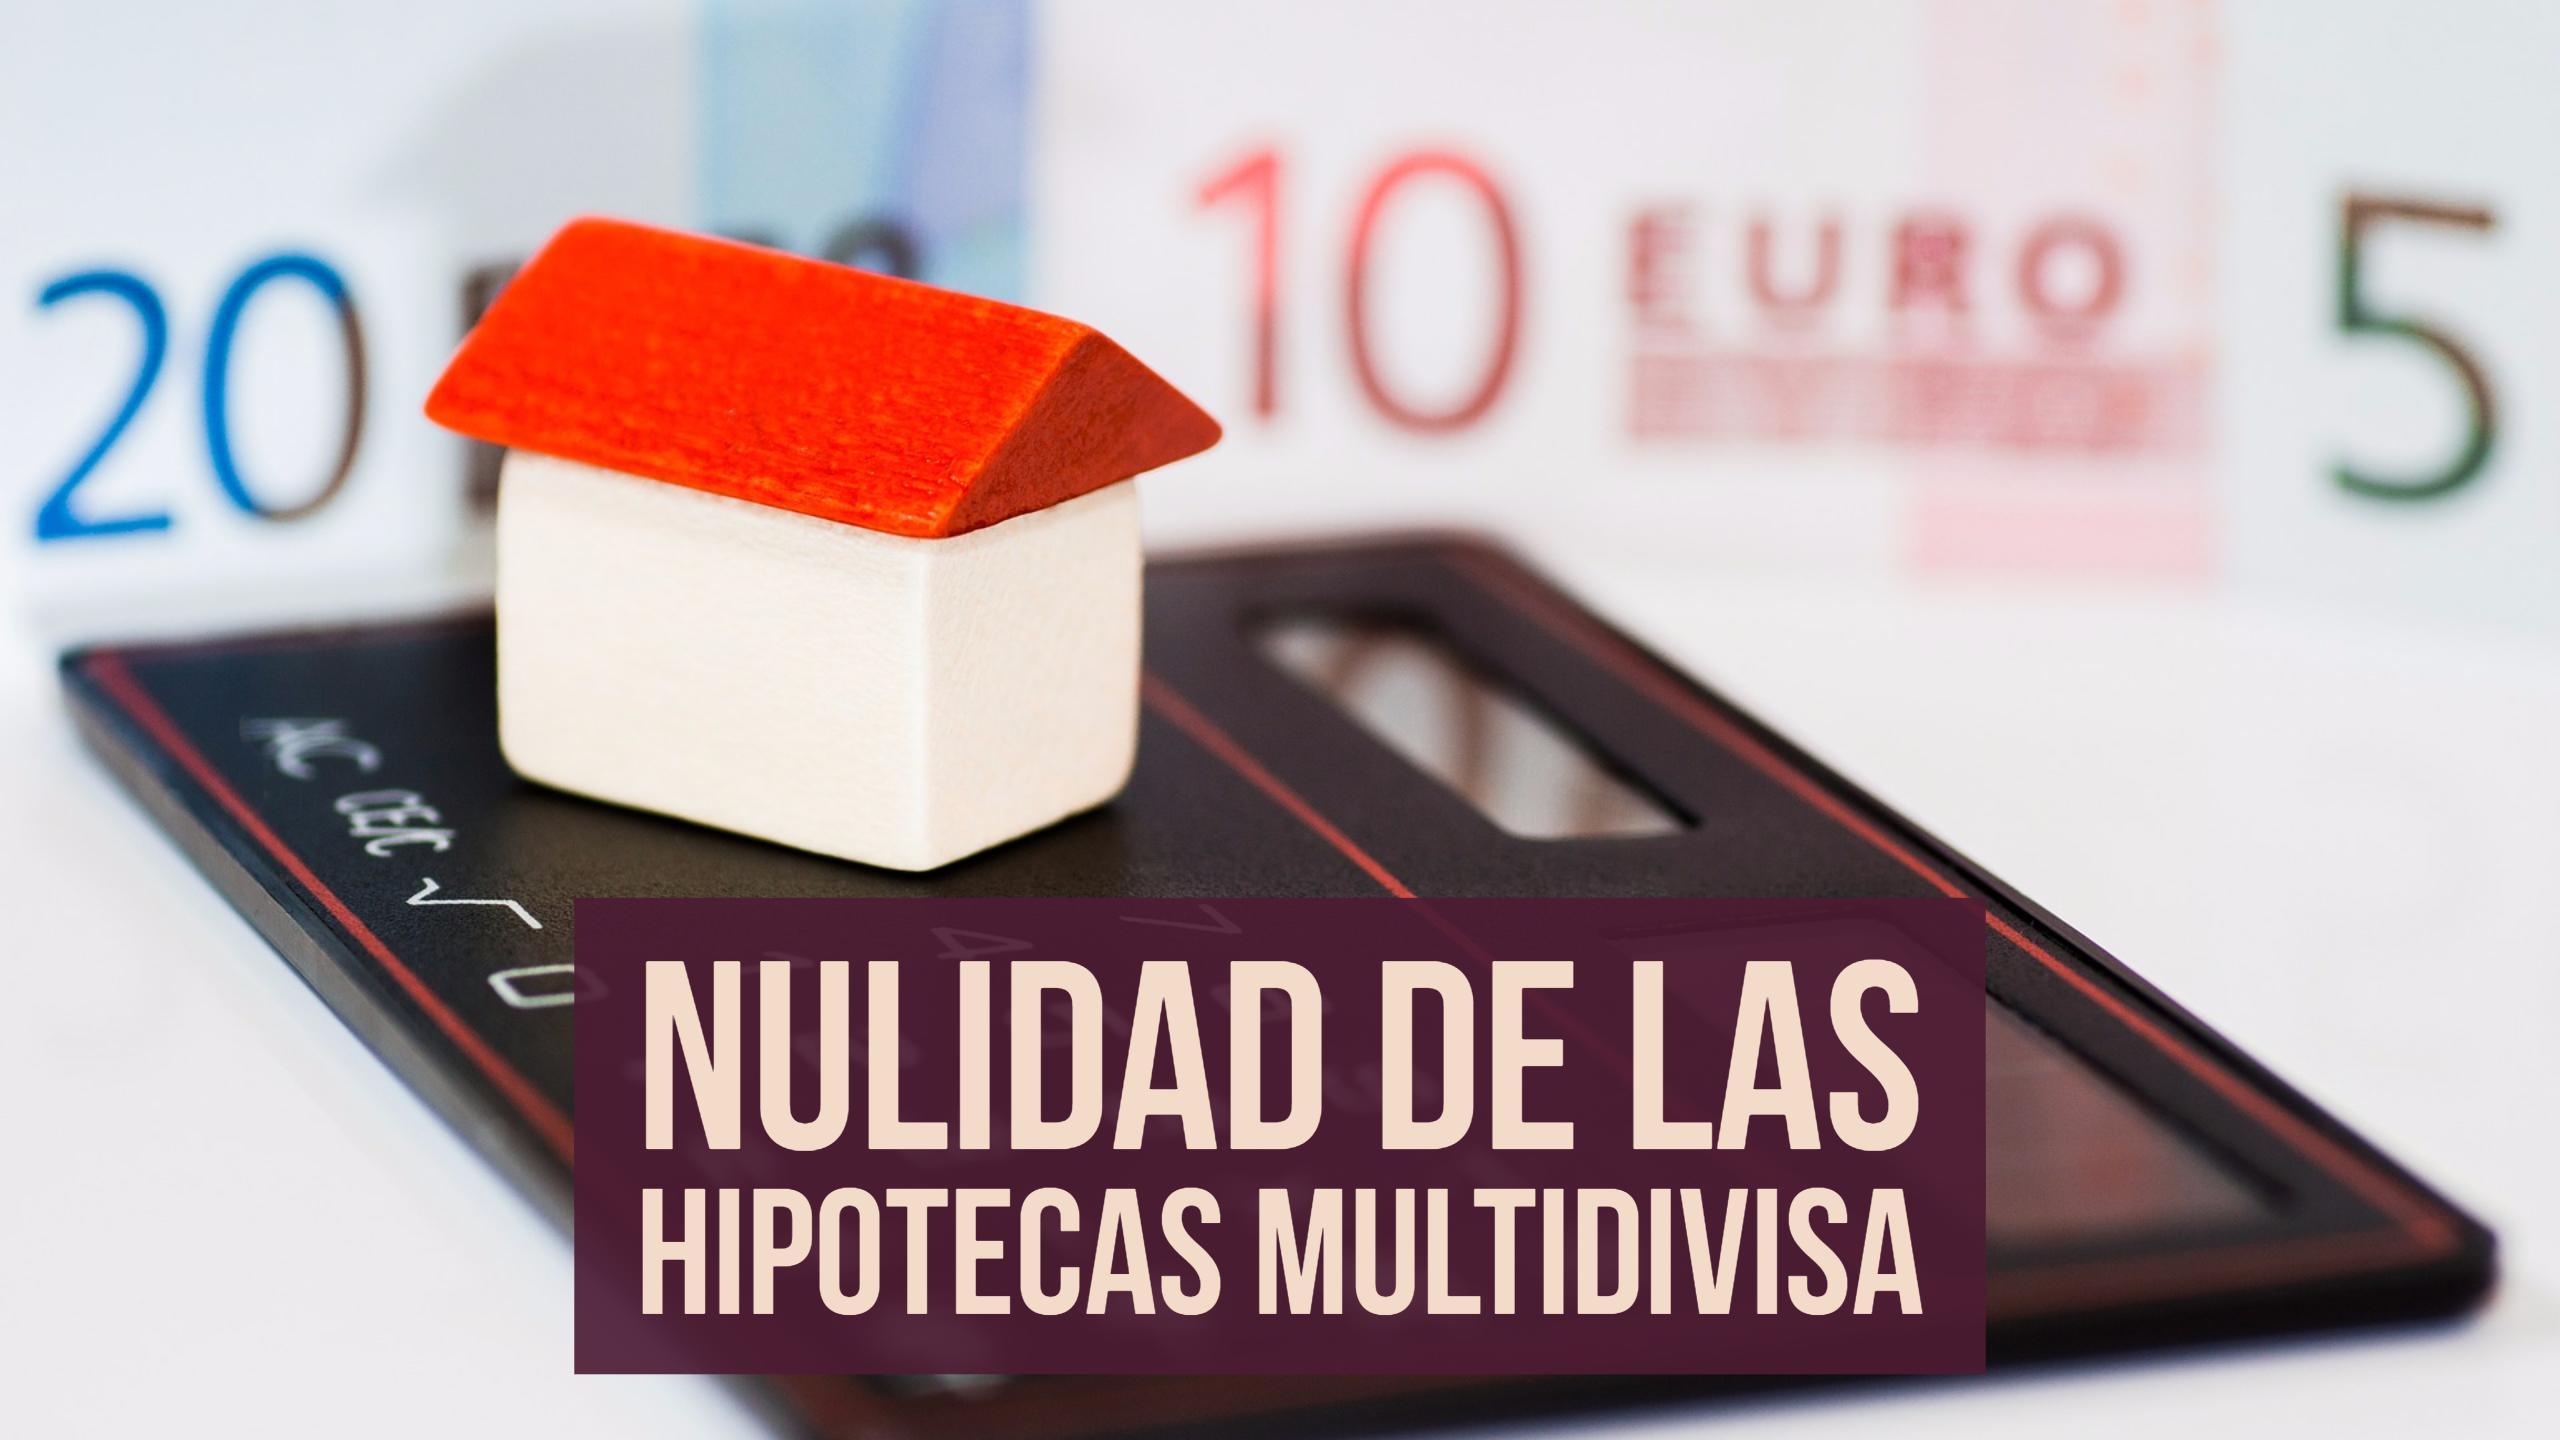 ANALISIS DE LA SENTENCIA DEL TRIBUNAL SUPREMO SOBRE LA HIPOTECA MULTIDIVISA